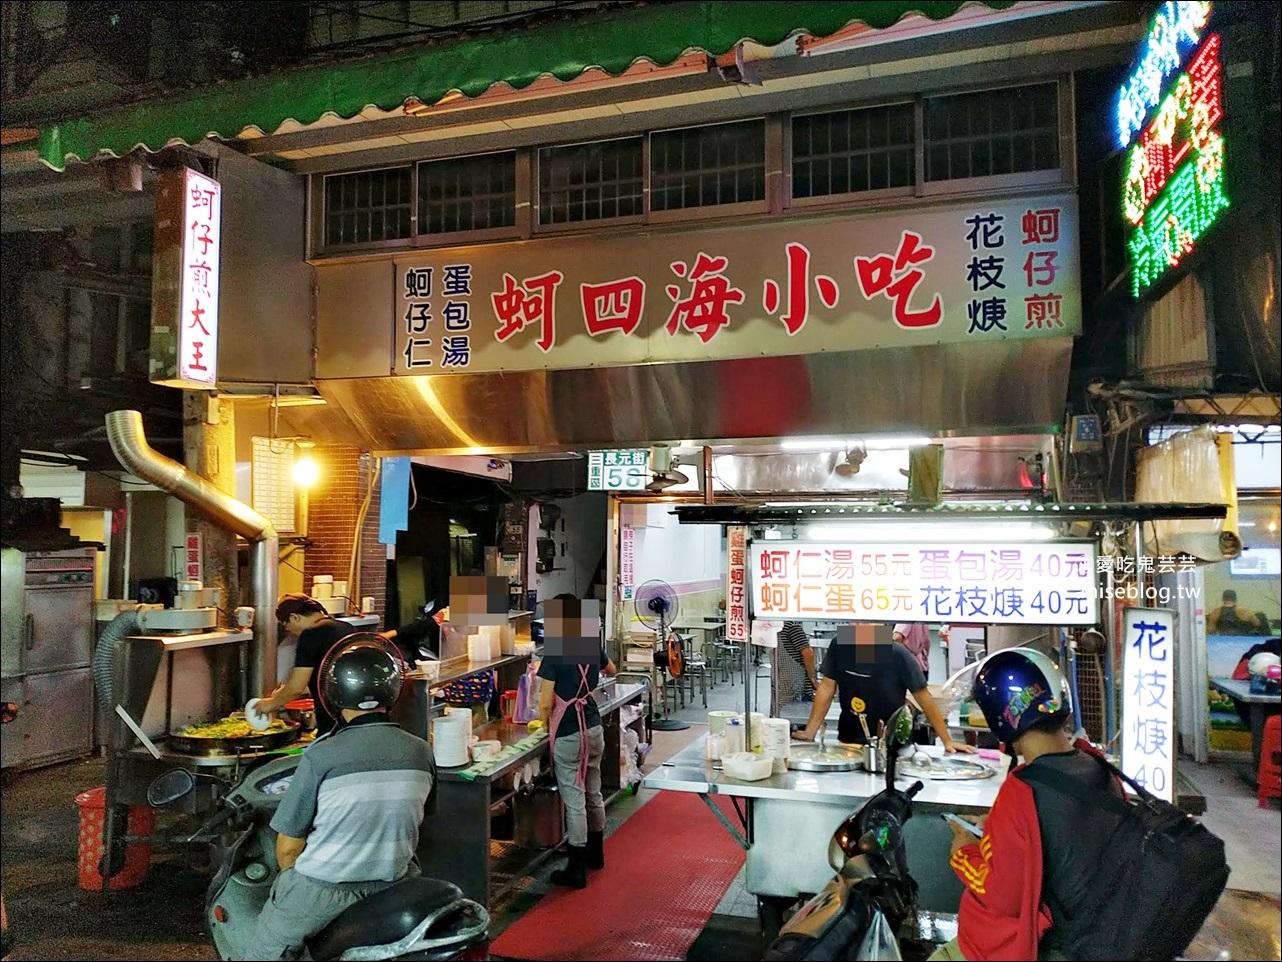 蚵四海小吃蚵仔煎大王,三和夜市人氣美食,三重台北橋站美食(姊姊食記)